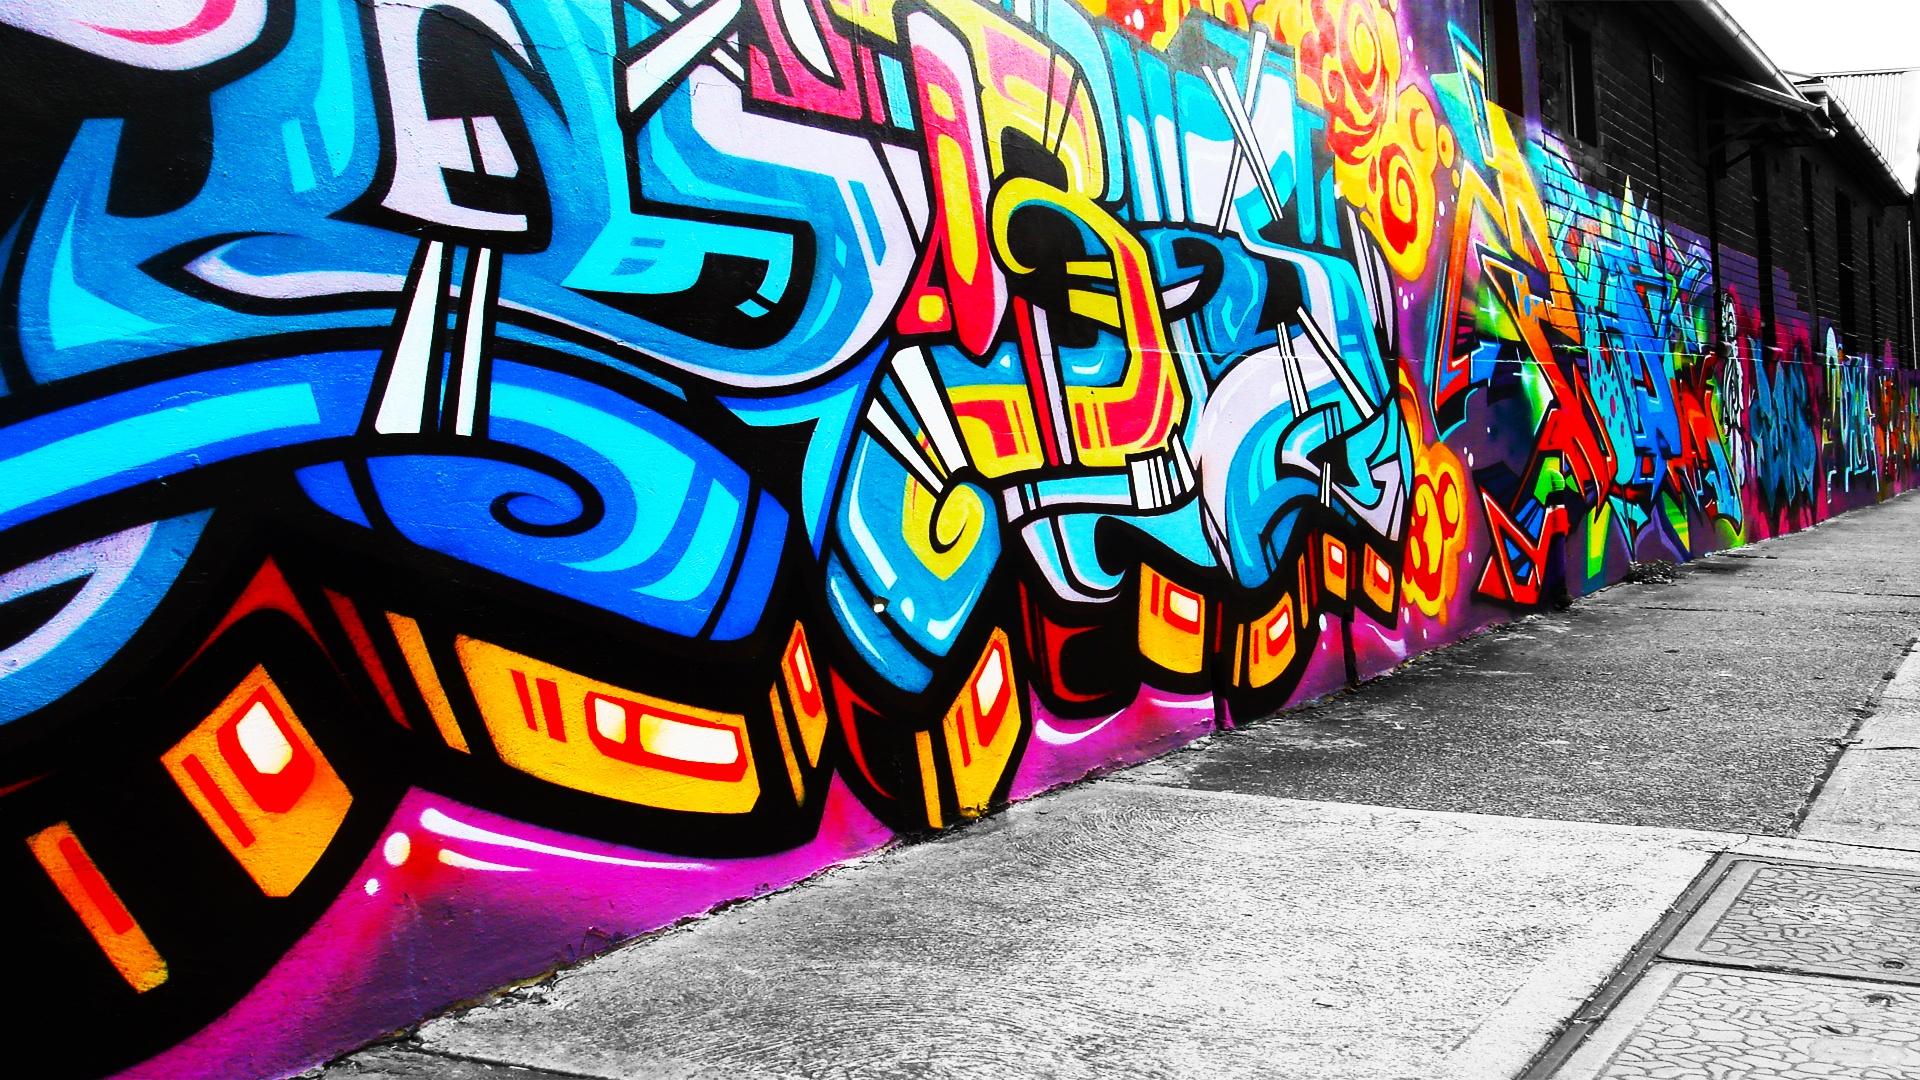 В Подмосковье начался конкурс граффити